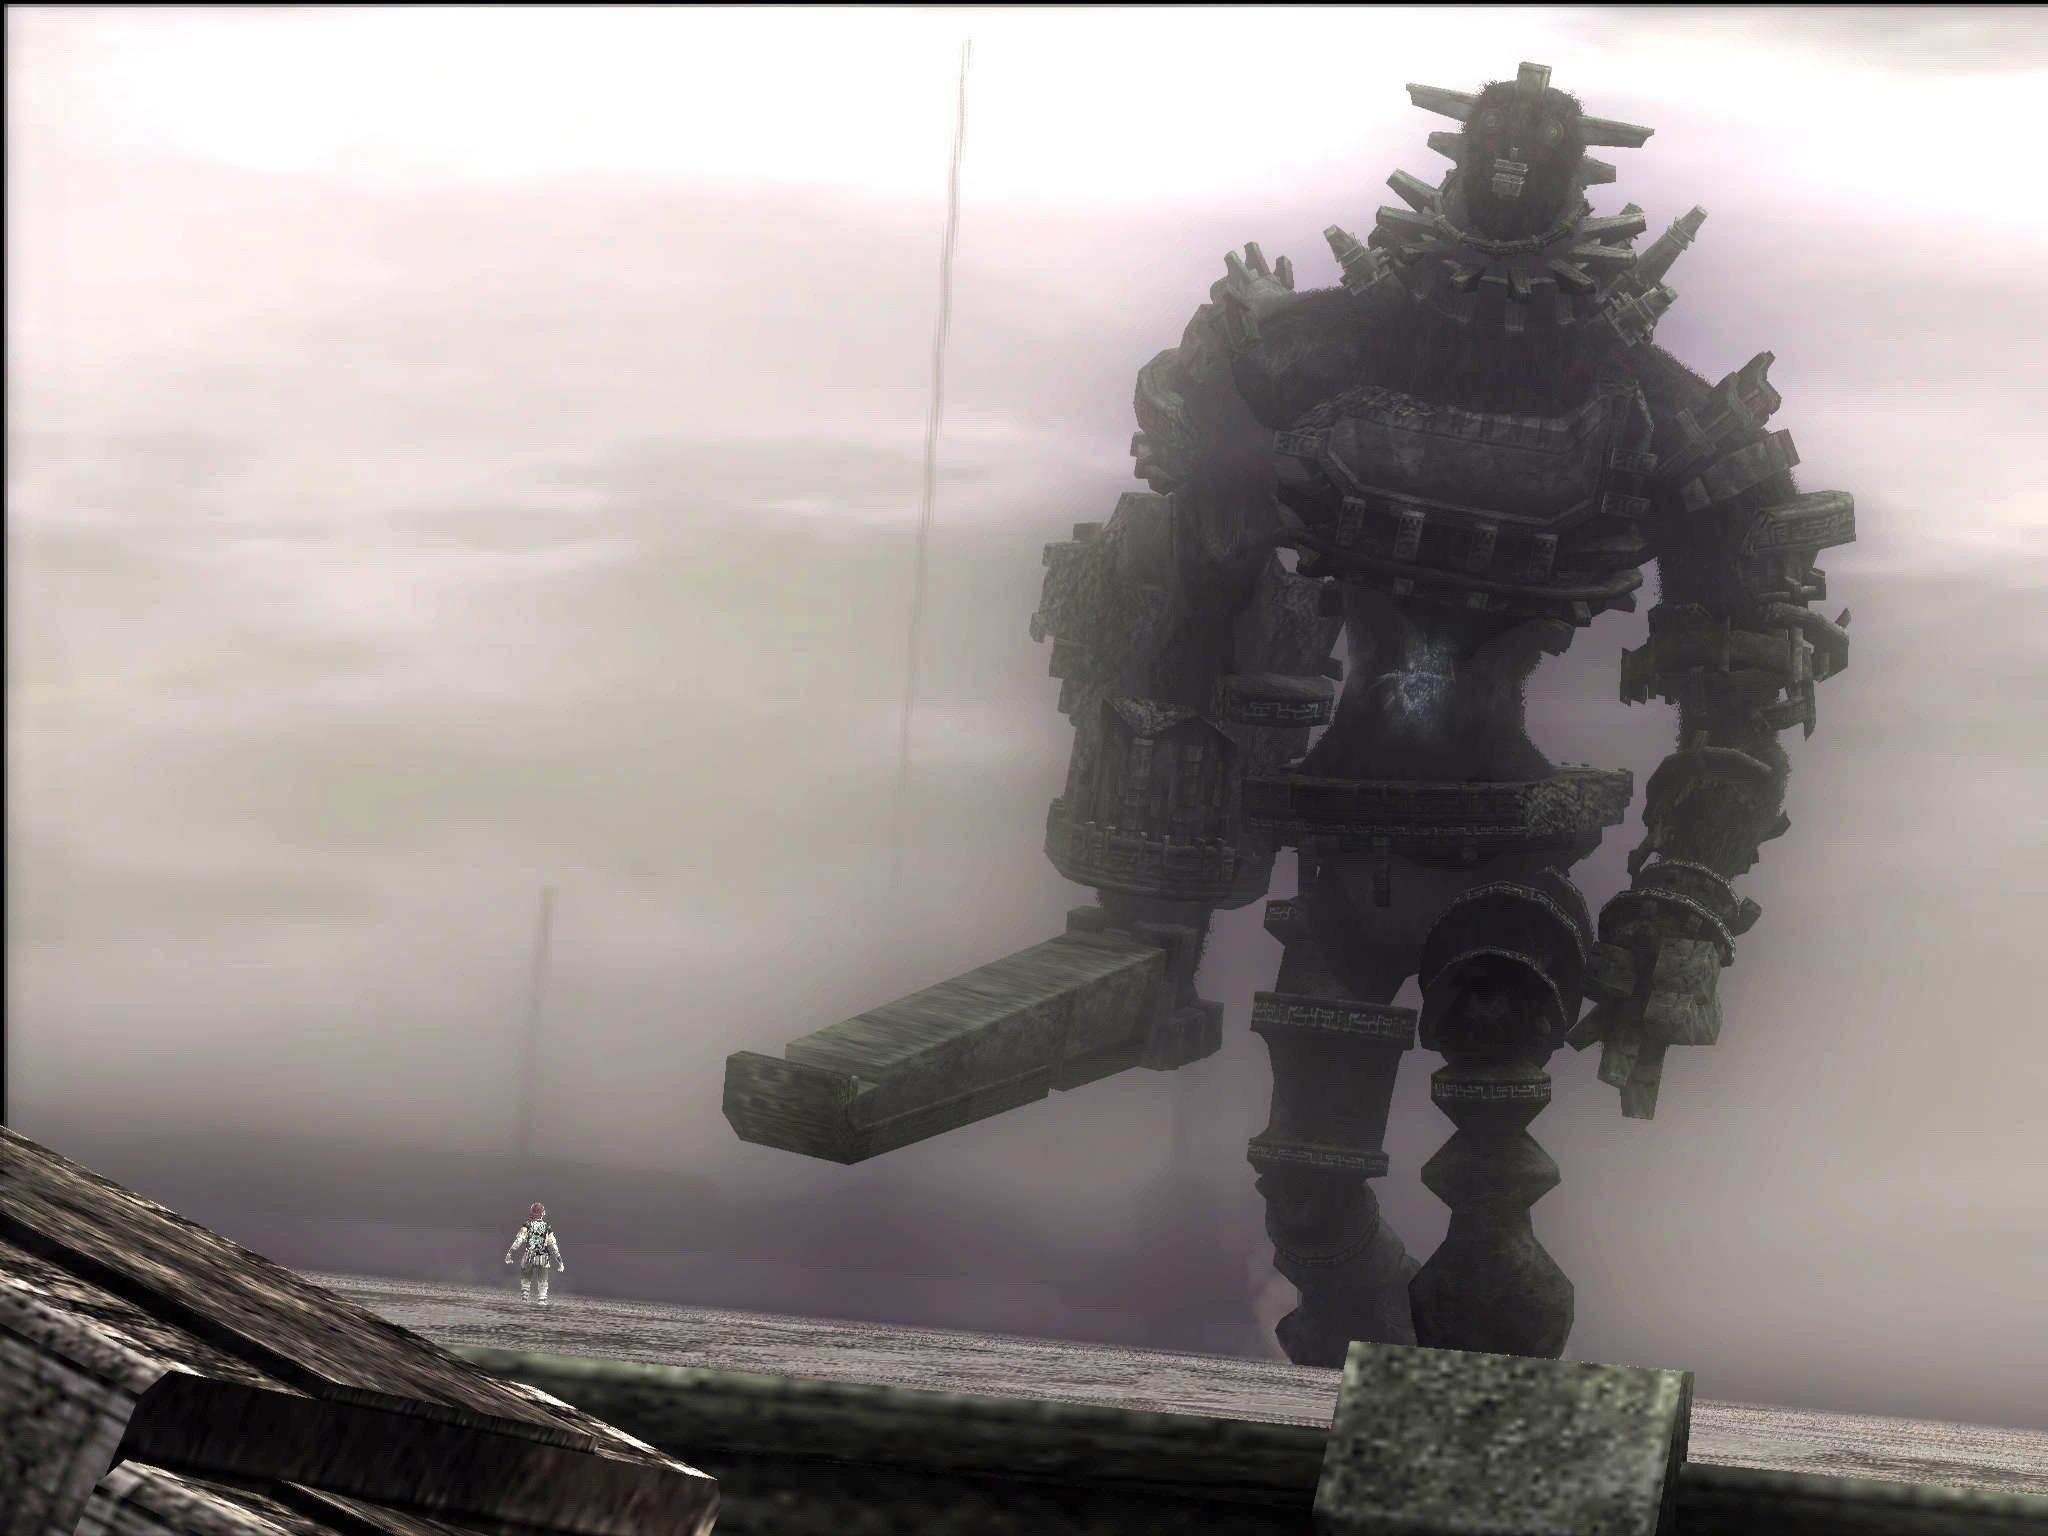 """Сегодня я решил вспомнить об игре, которая является уникальной в своём жанре. Речь пойдёт о """"Shadow of the Colossus' .... - Изображение 1"""